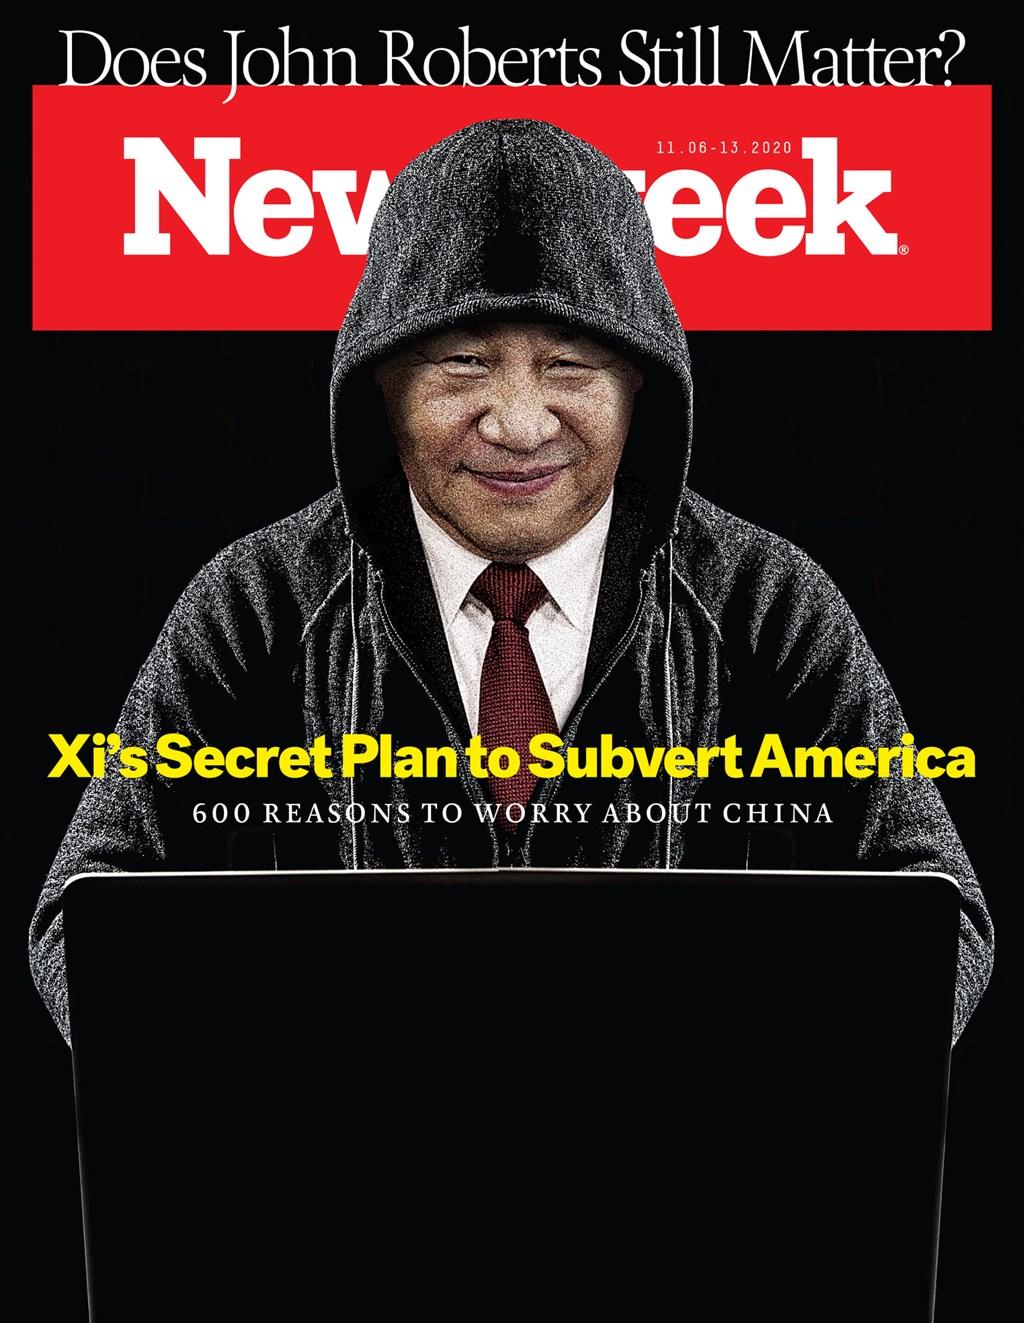 「新聞週刊」最新一期以「習近平密謀顛覆美國 600個擔心中國的理由」為封面標題,說明中共野心不只是影響大選結果。(圖取自facebook.com/Newsweek)